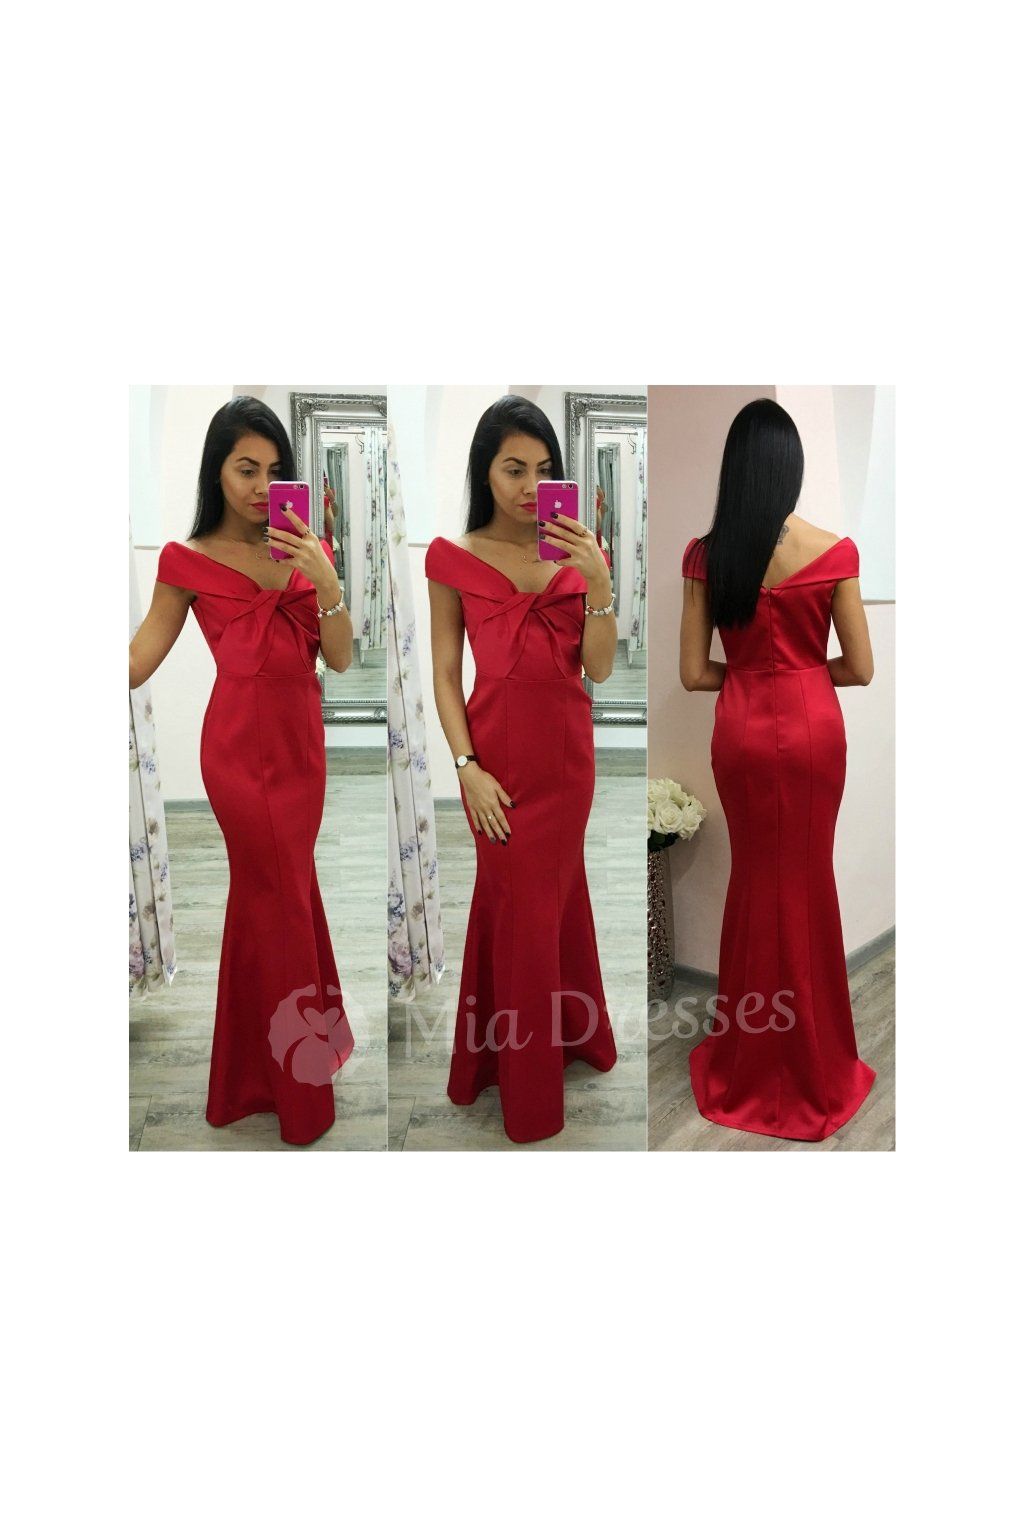 98cfdaf5b278 Červené spoločenské šaty spustené na ramená - Mia Dresses